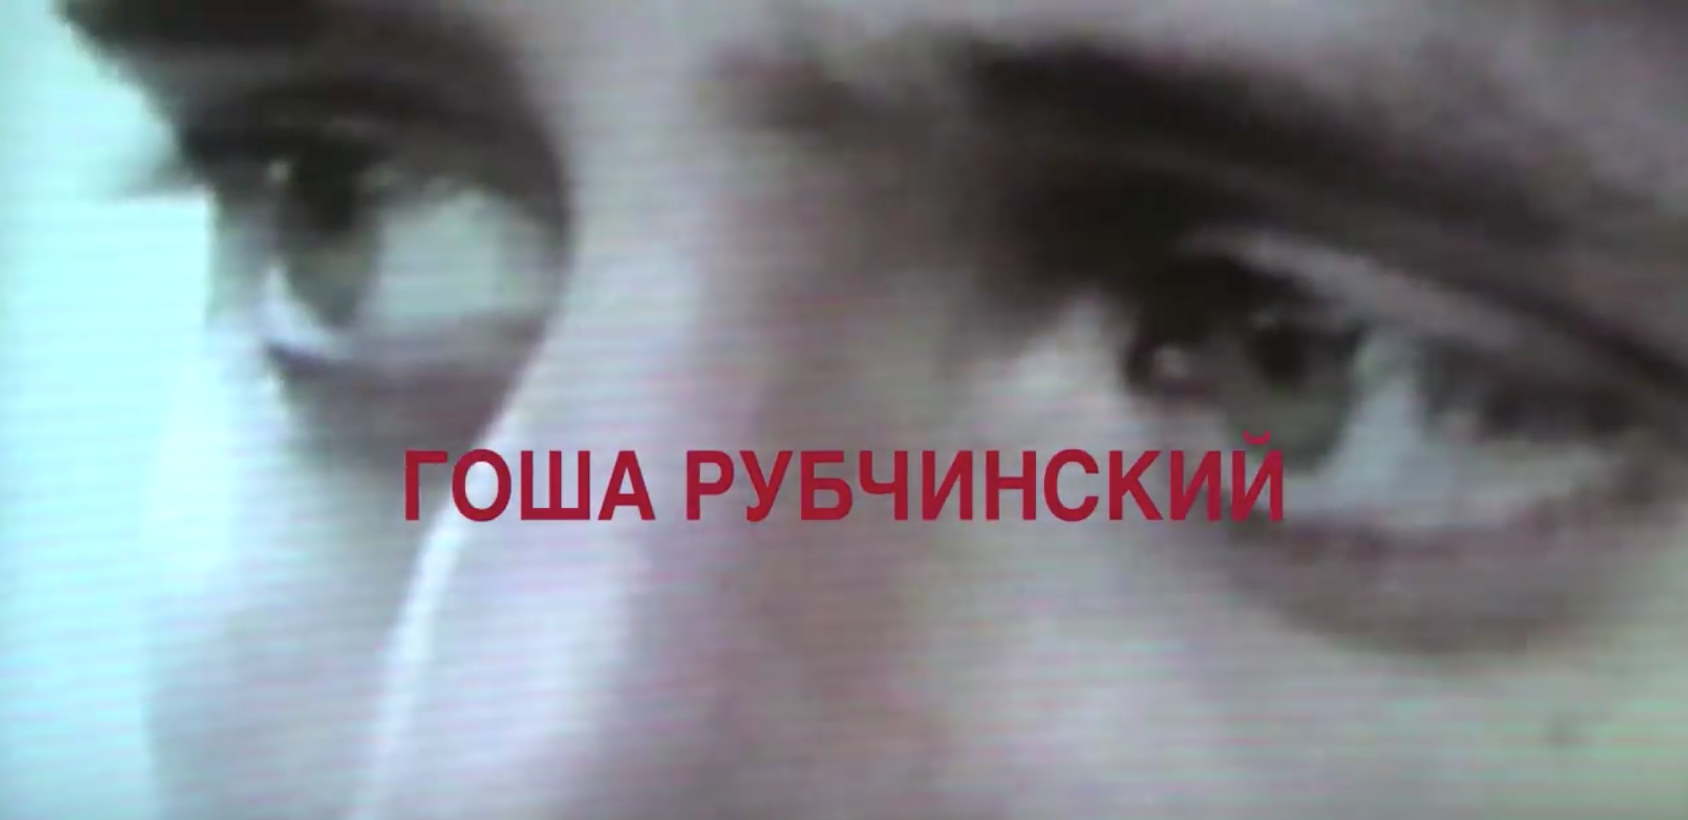 Gosha Rubchinskiy x Vans film by Julian Klincewicz